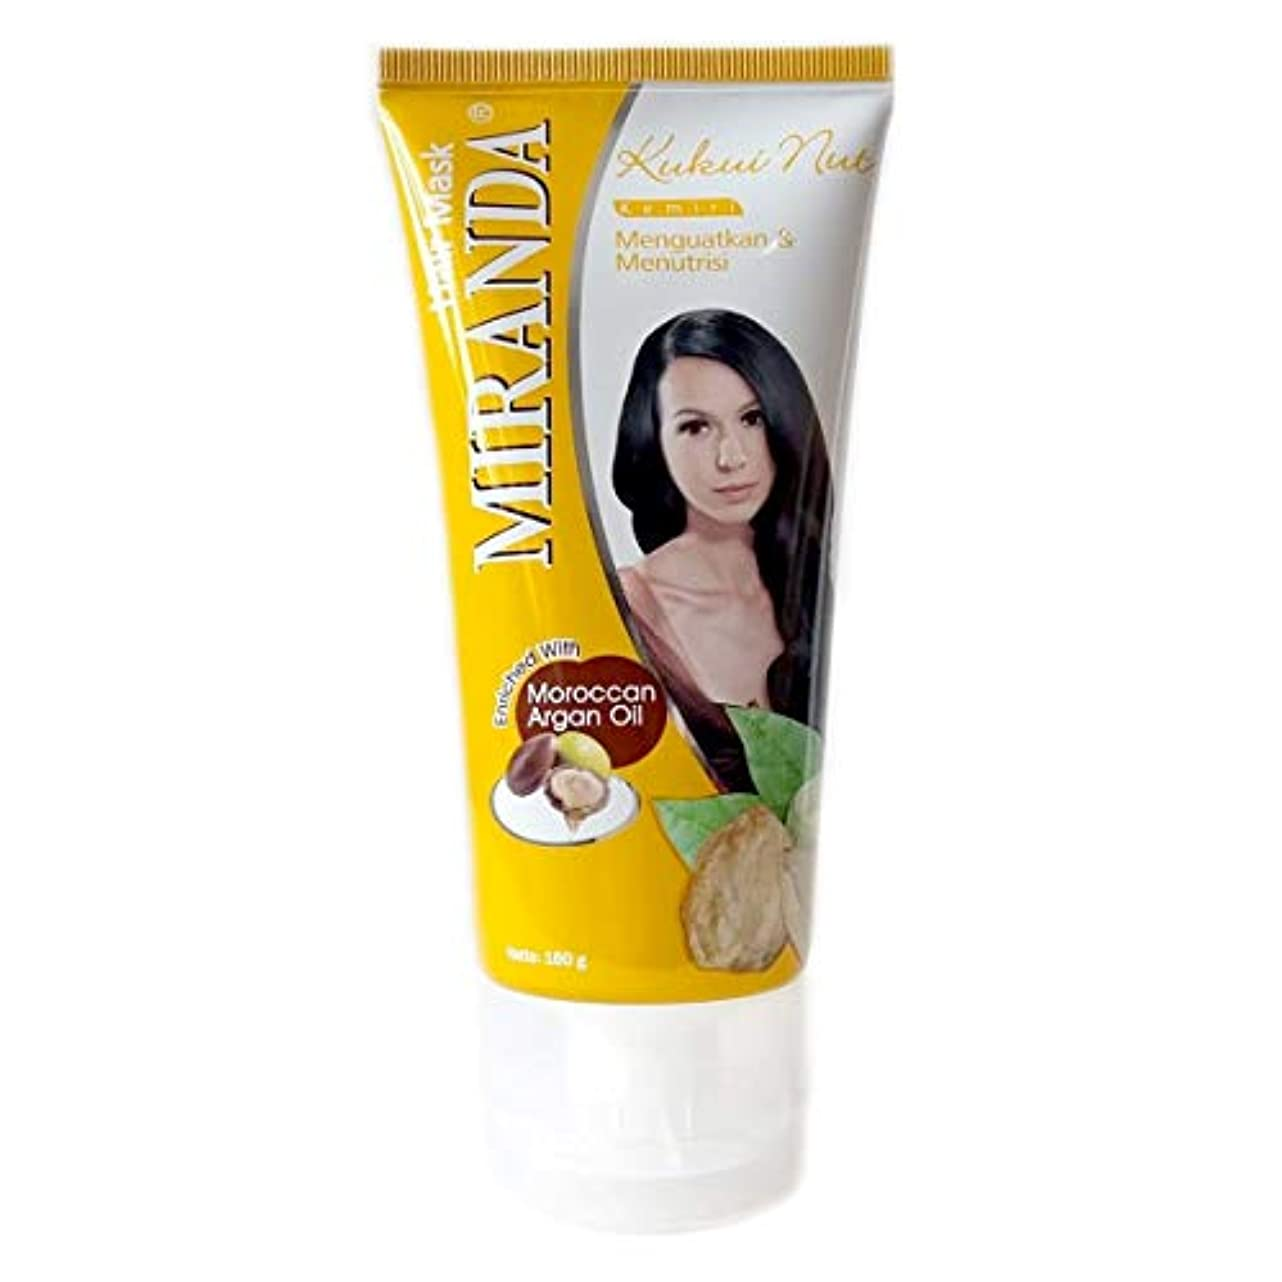 否認する耐久中古MIRANDA ミランダ Hair Mask ヘアマスク モロッカンアルガンオイル主成分のヘアトリートメント 160g Kukui nut クミリ [海外直送品]